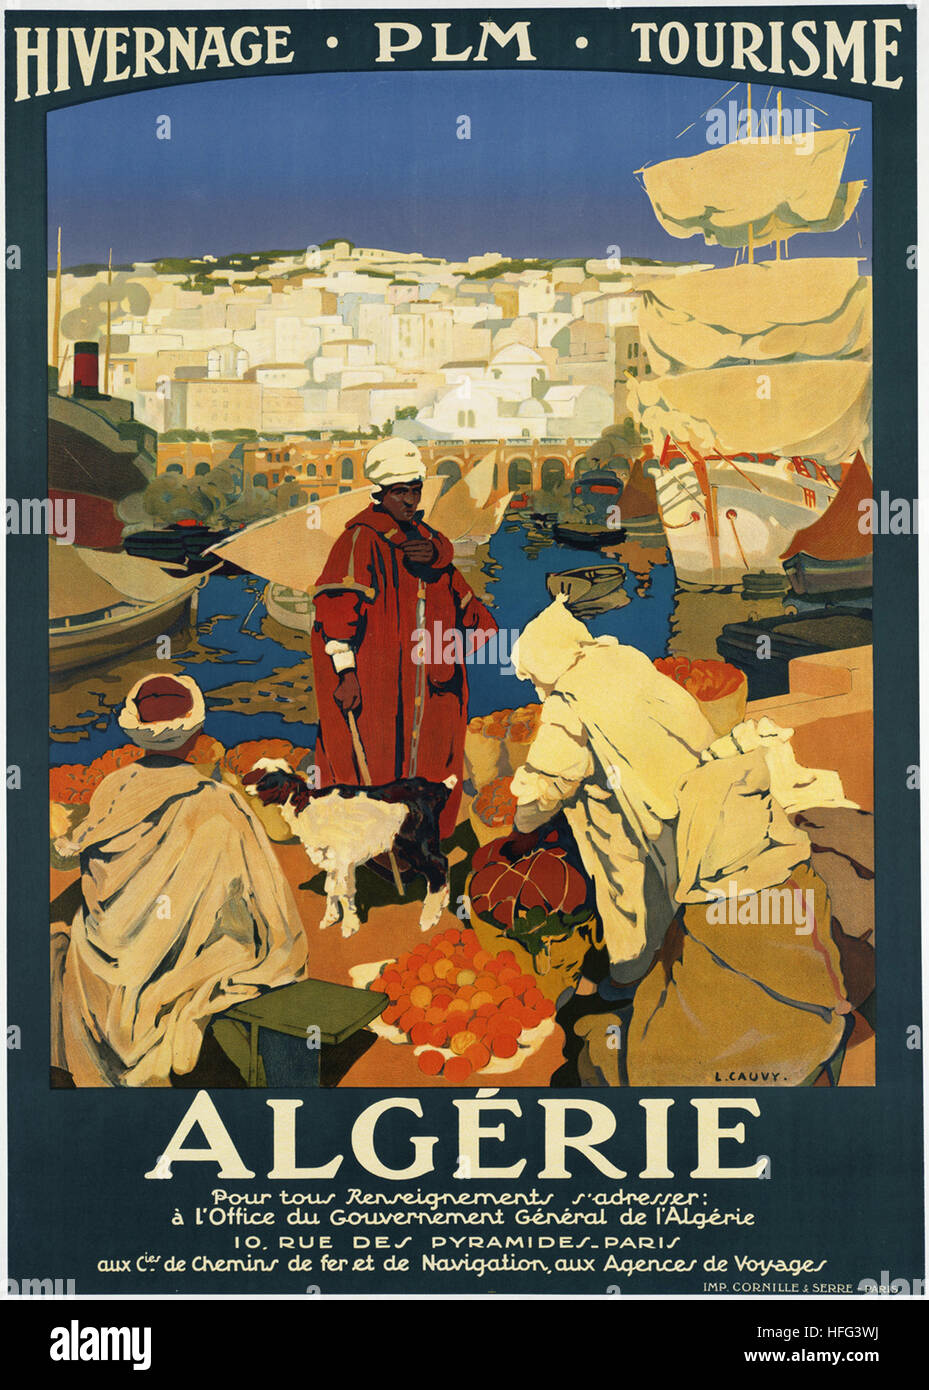 Viaggi Vintage Poster - Algerie Immagini Stock